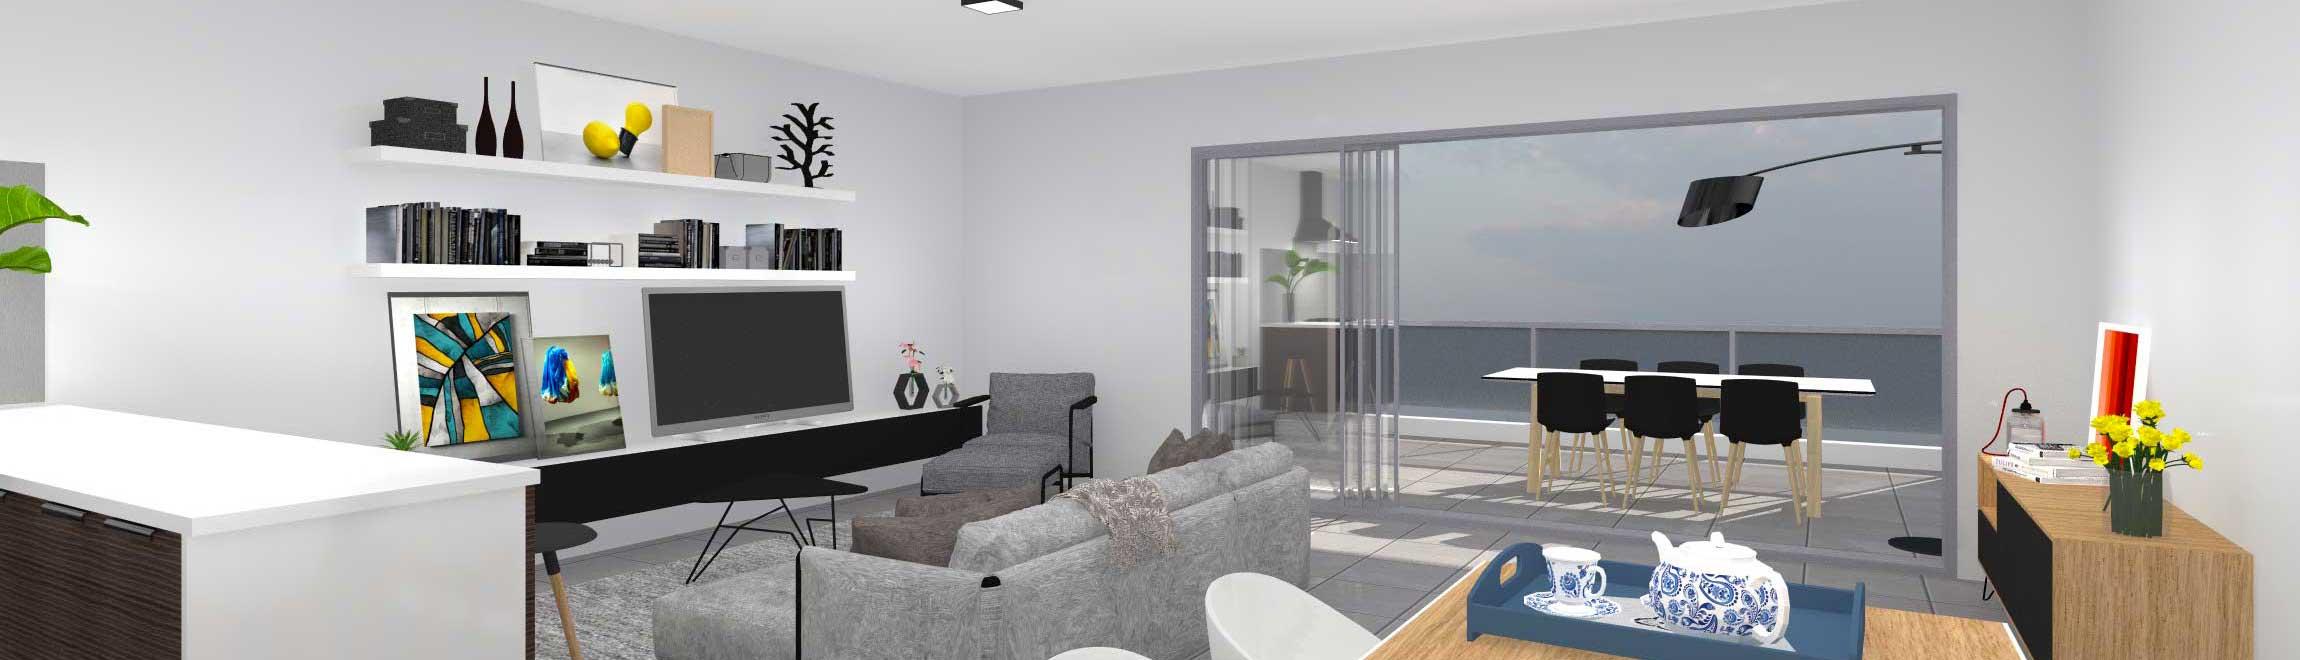 Nouvelle résidence L'Alcyone - Des loyer très attractifs au cœur de Koutio